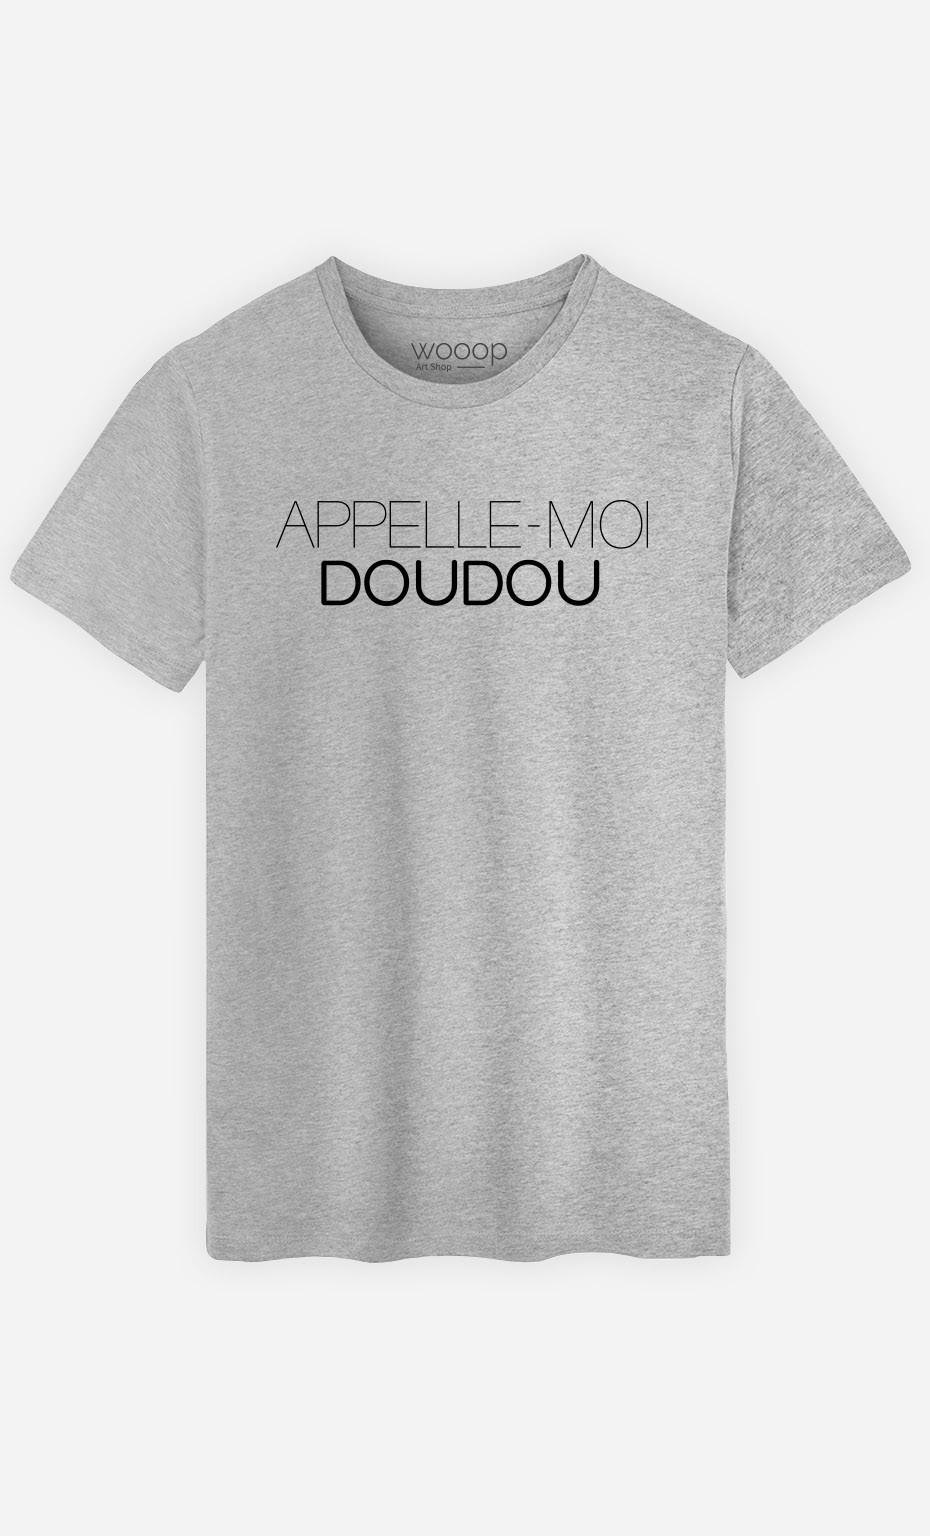 Doudou Moi T Homme Shirt Appelle vmnN8yw0O